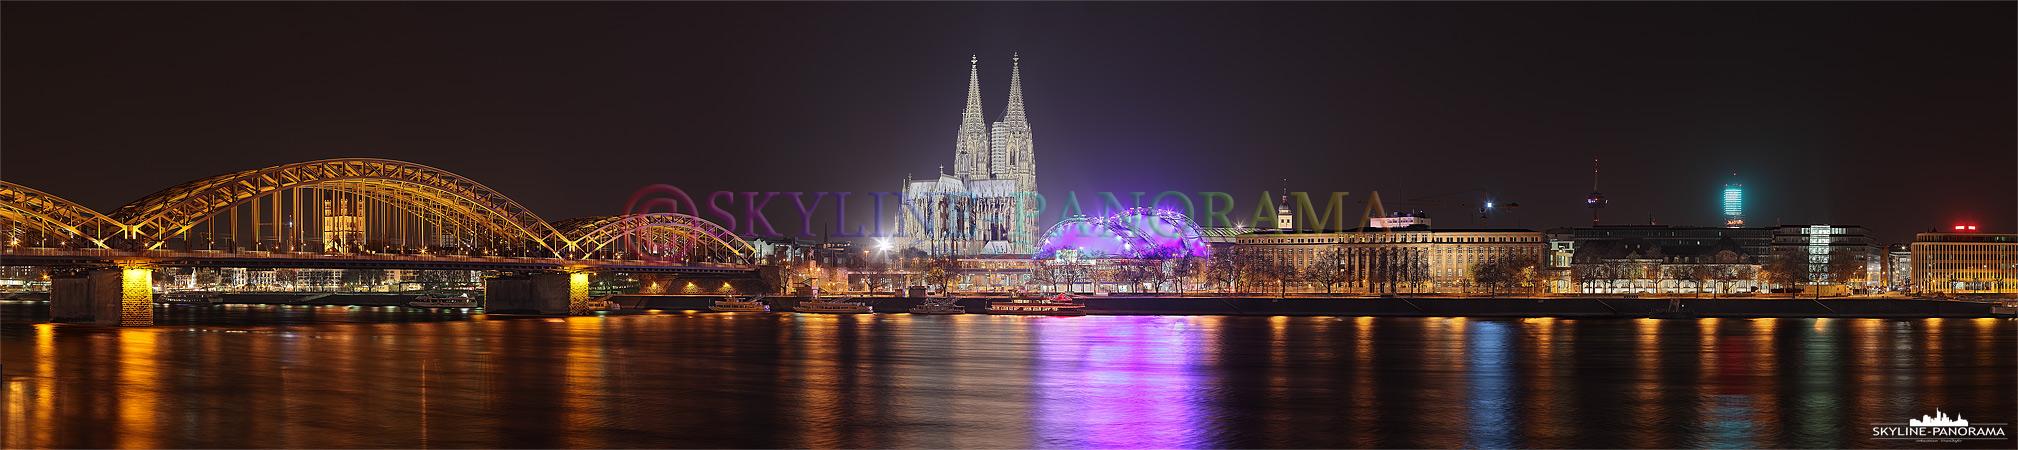 die Kölner Skyline mit der Hohenzollernbrücke, dem Dom und dem Musical Dome am Rheinufer